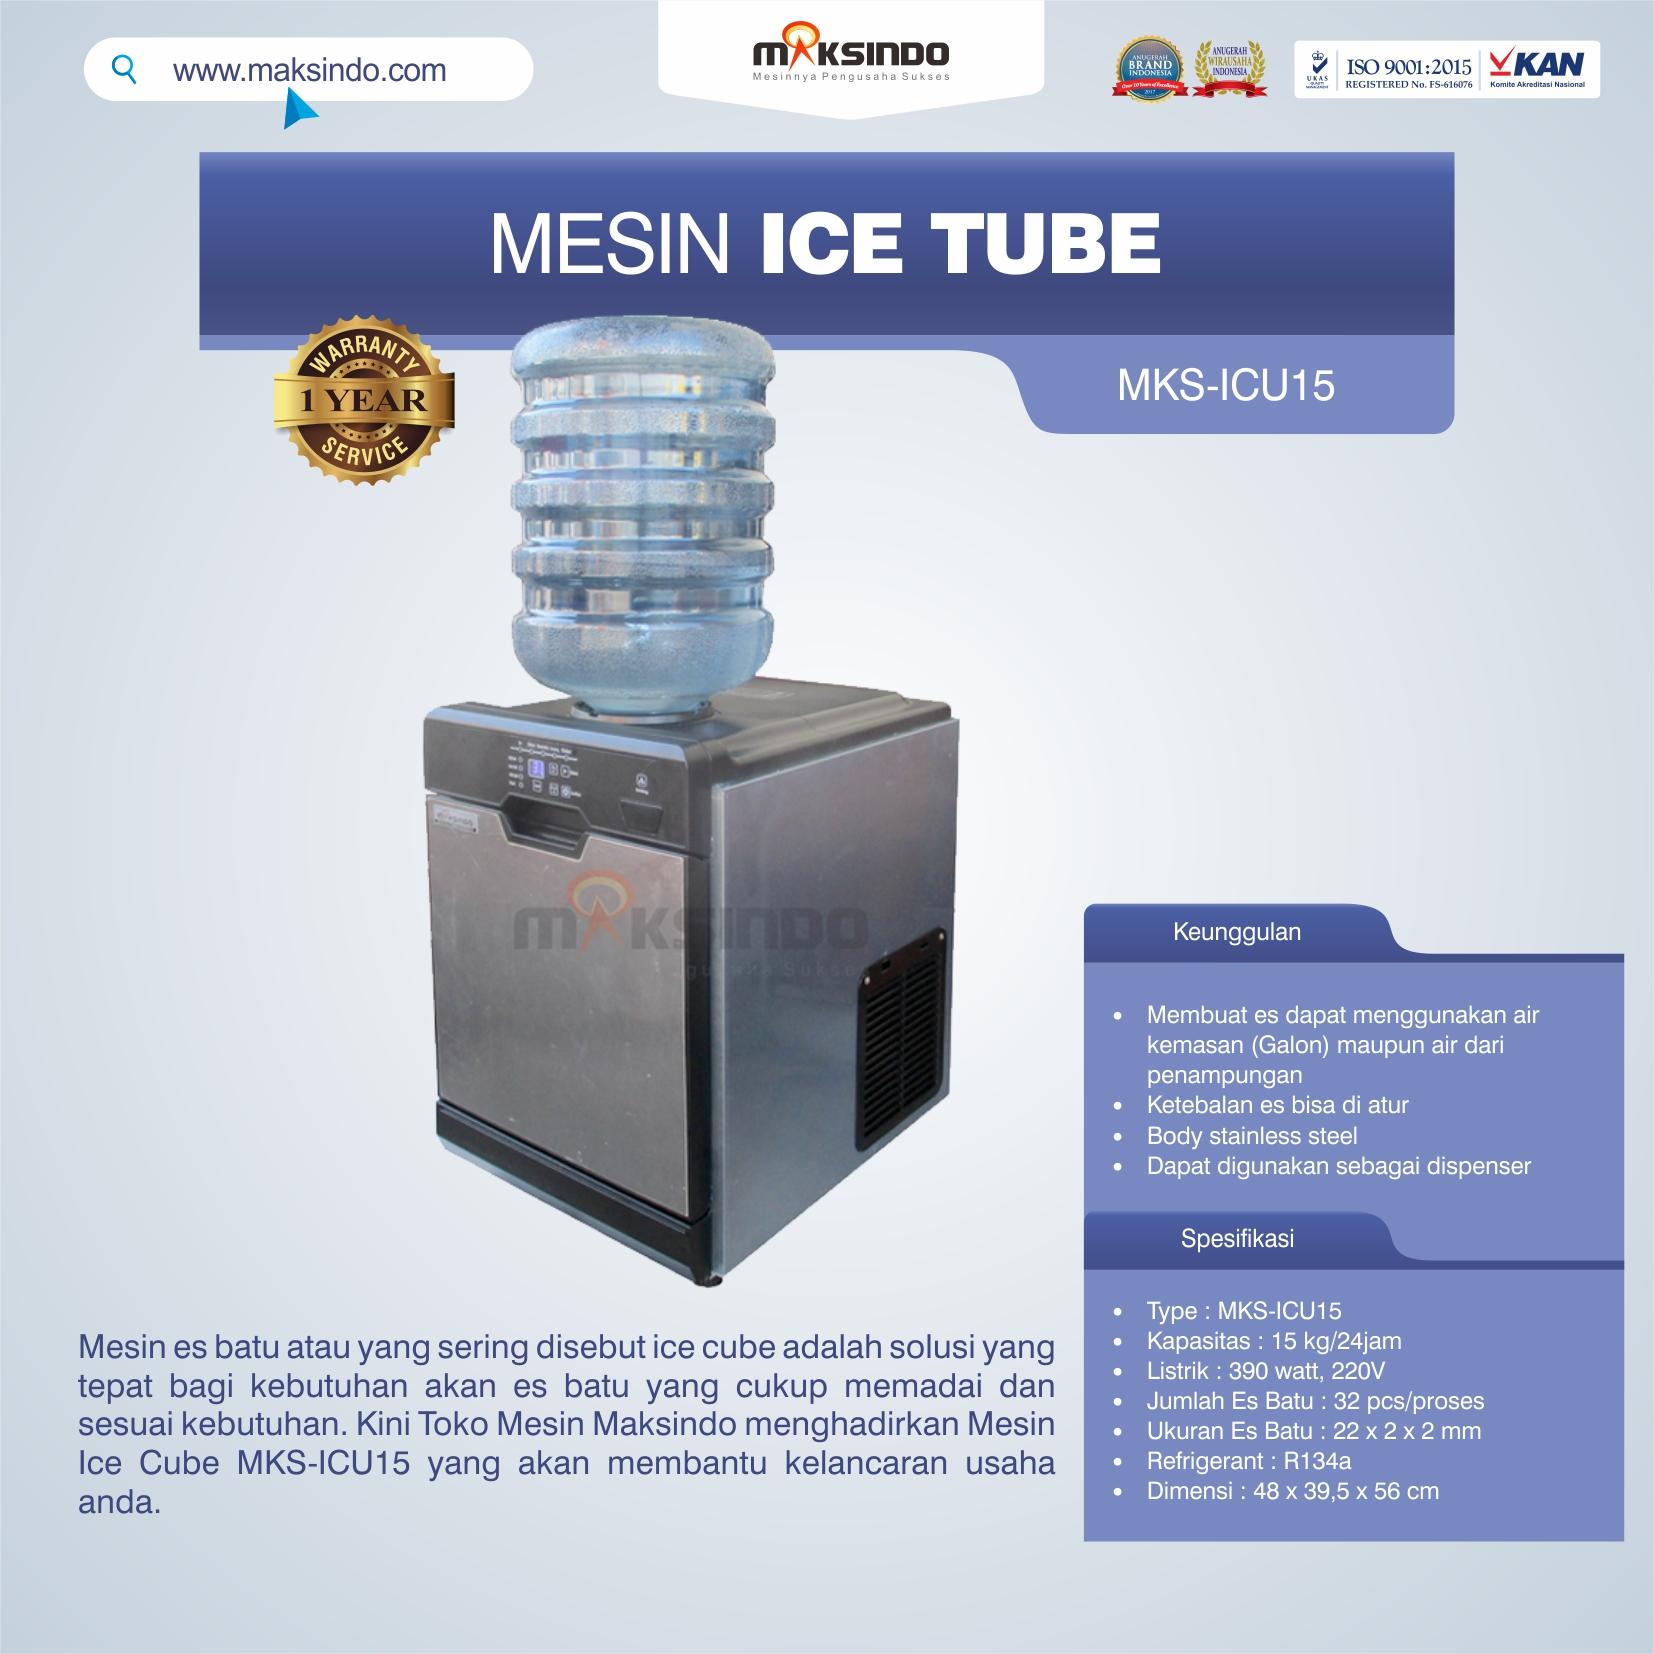 Jual Mesin Ice Cube MKS-ICU15 di Tangerang